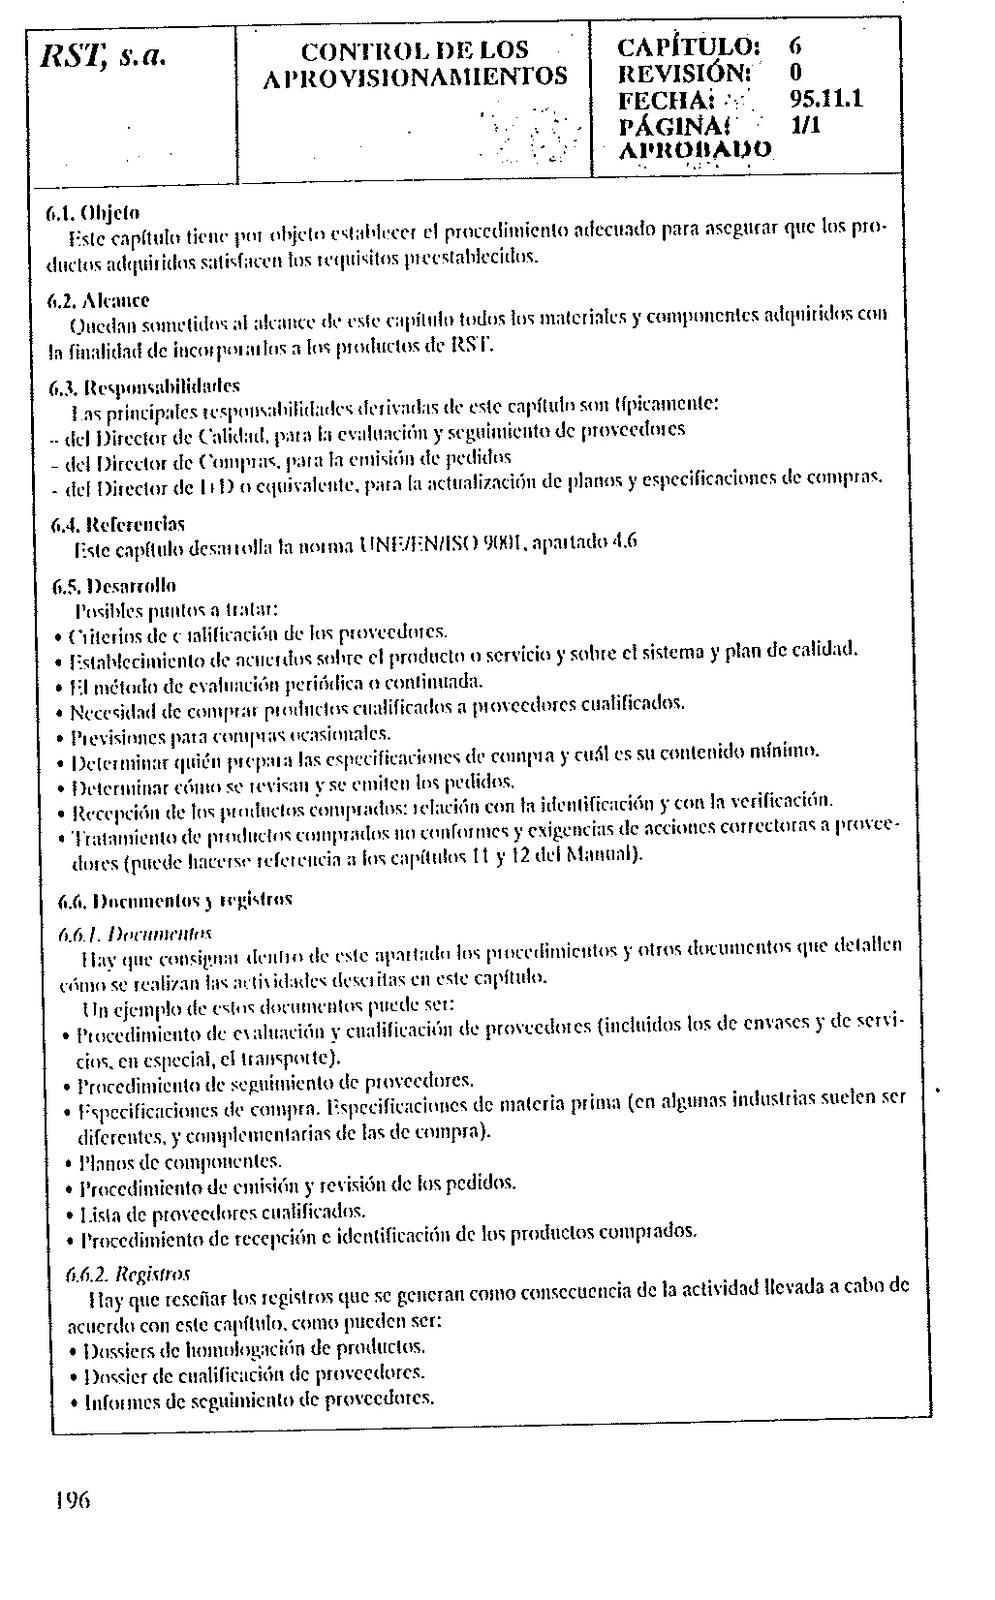 Ejemplo manual de calidad y procedimientos segun iso 9001 for Ejemplo de manual de procedimientos de un restaurante